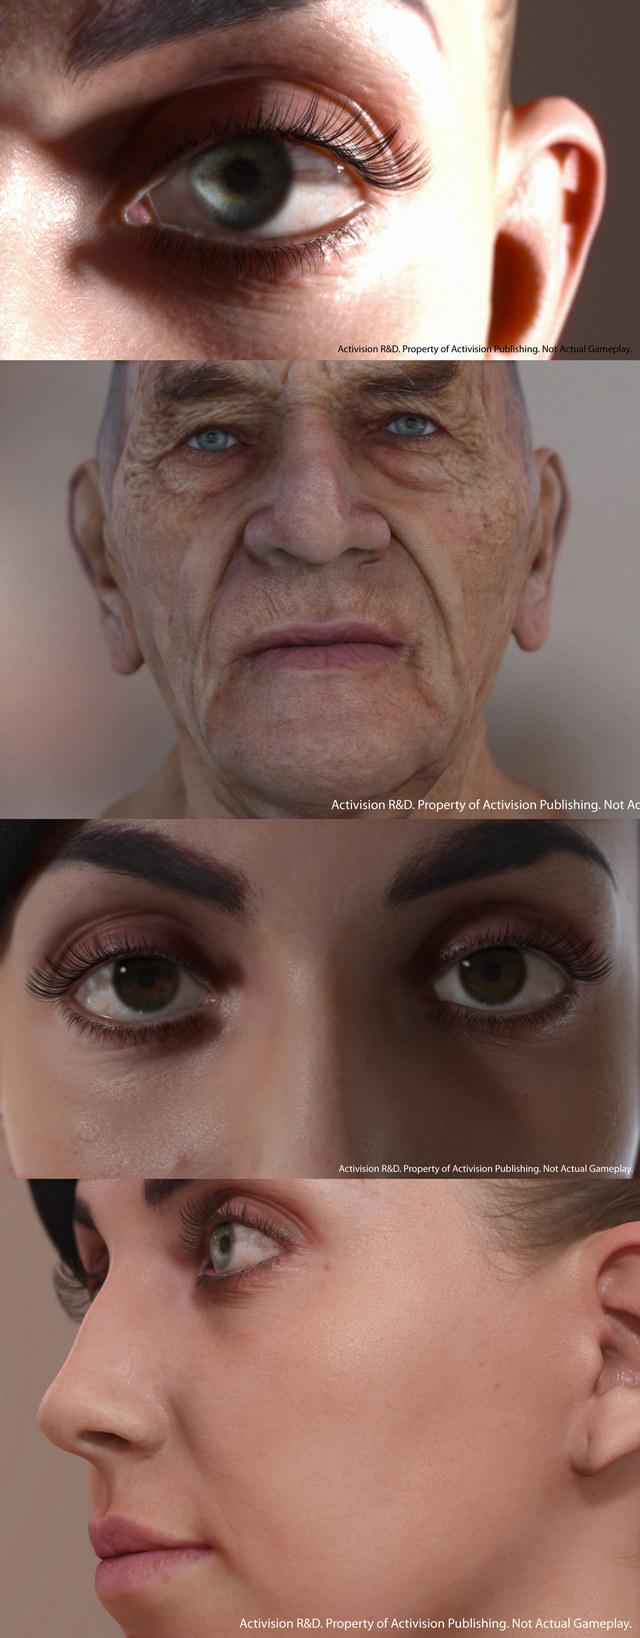 Activision - GDC 2013 - visage réaliste